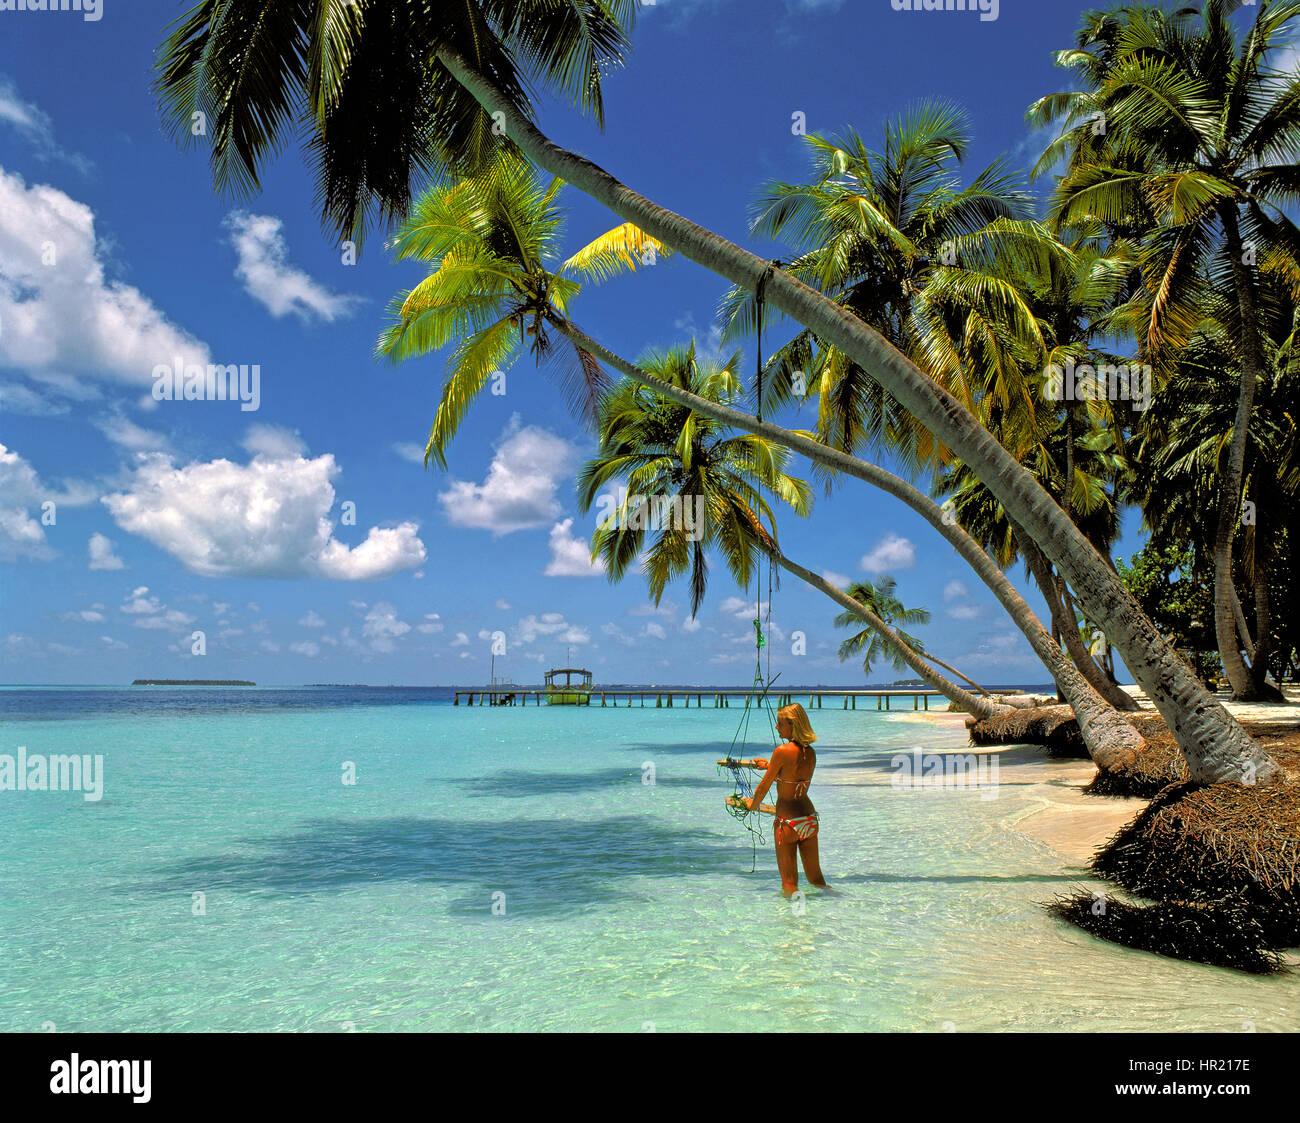 Girl on beach at Kuda Bandos island in the Maldives Republic.. - Stock Image